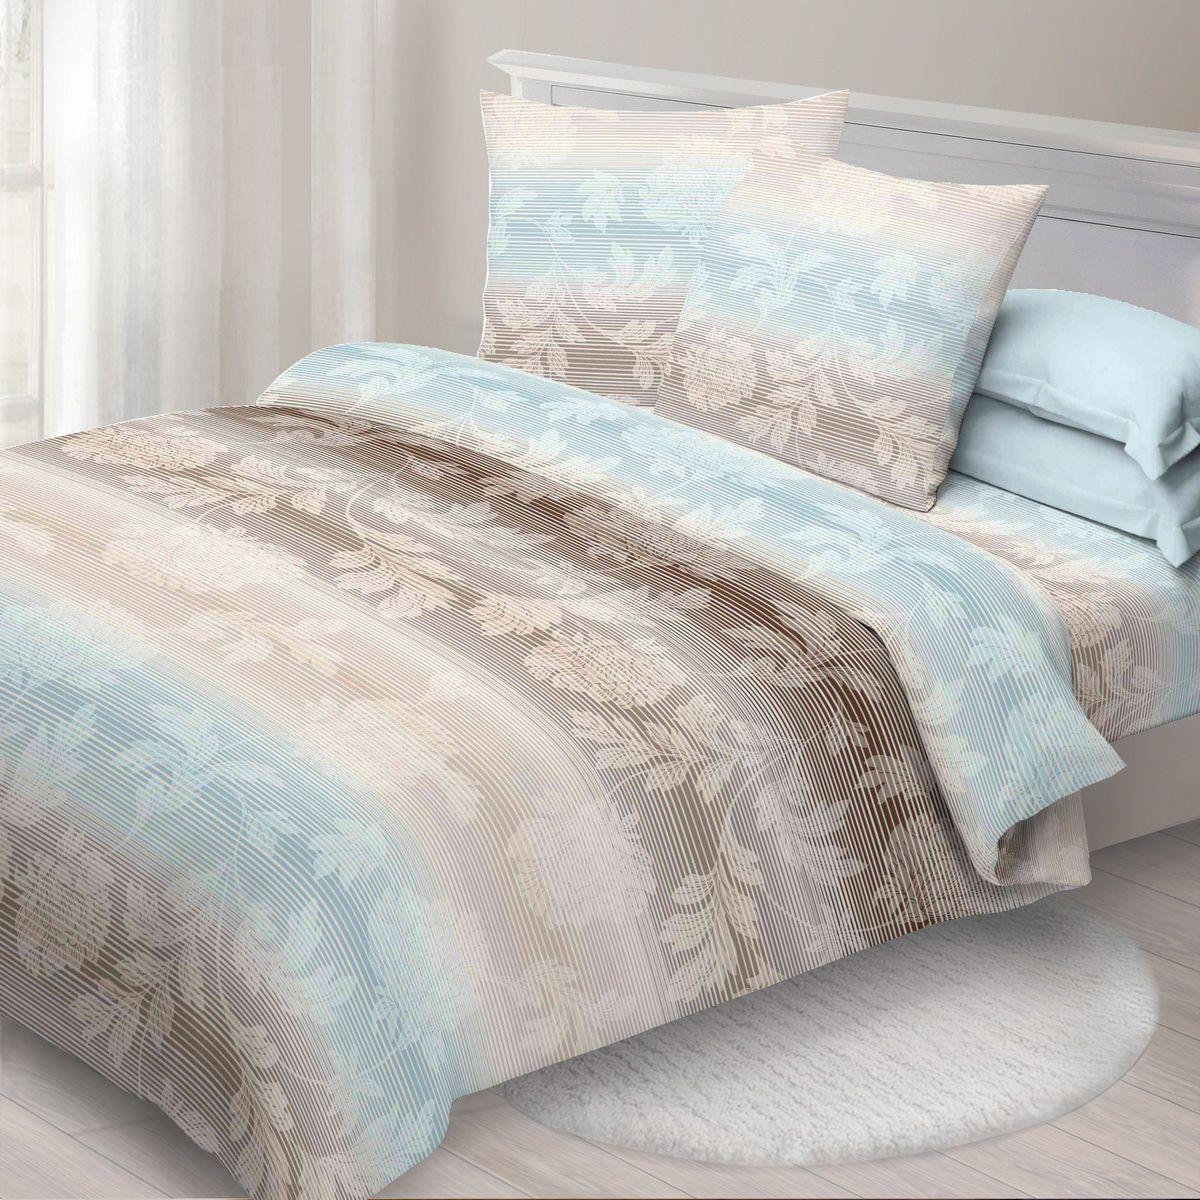 Комплект белья Спал Спалыч Агат, 2-спальное, наволочки 70x70, цвет: голубой91361Спал Спалыч - недорогое, но качественное постельное белье из белорусской бязи. Актуальные дизайны, авторская упаковка в сочетании с качественными материалами и приемлемой ценой - залог успеха Спал Спалыча! В ассортименте широкая линейка домашнего текстиля для всей семьи - современные дизайны современному покупателю! Ткань обработана по технологии PERFECT WAY - благодаря чему, она становится более гладкой и шелковистой. • Бязь Барановичи 100% хлопок • Плотность ткани - 125 гр/кв.м.